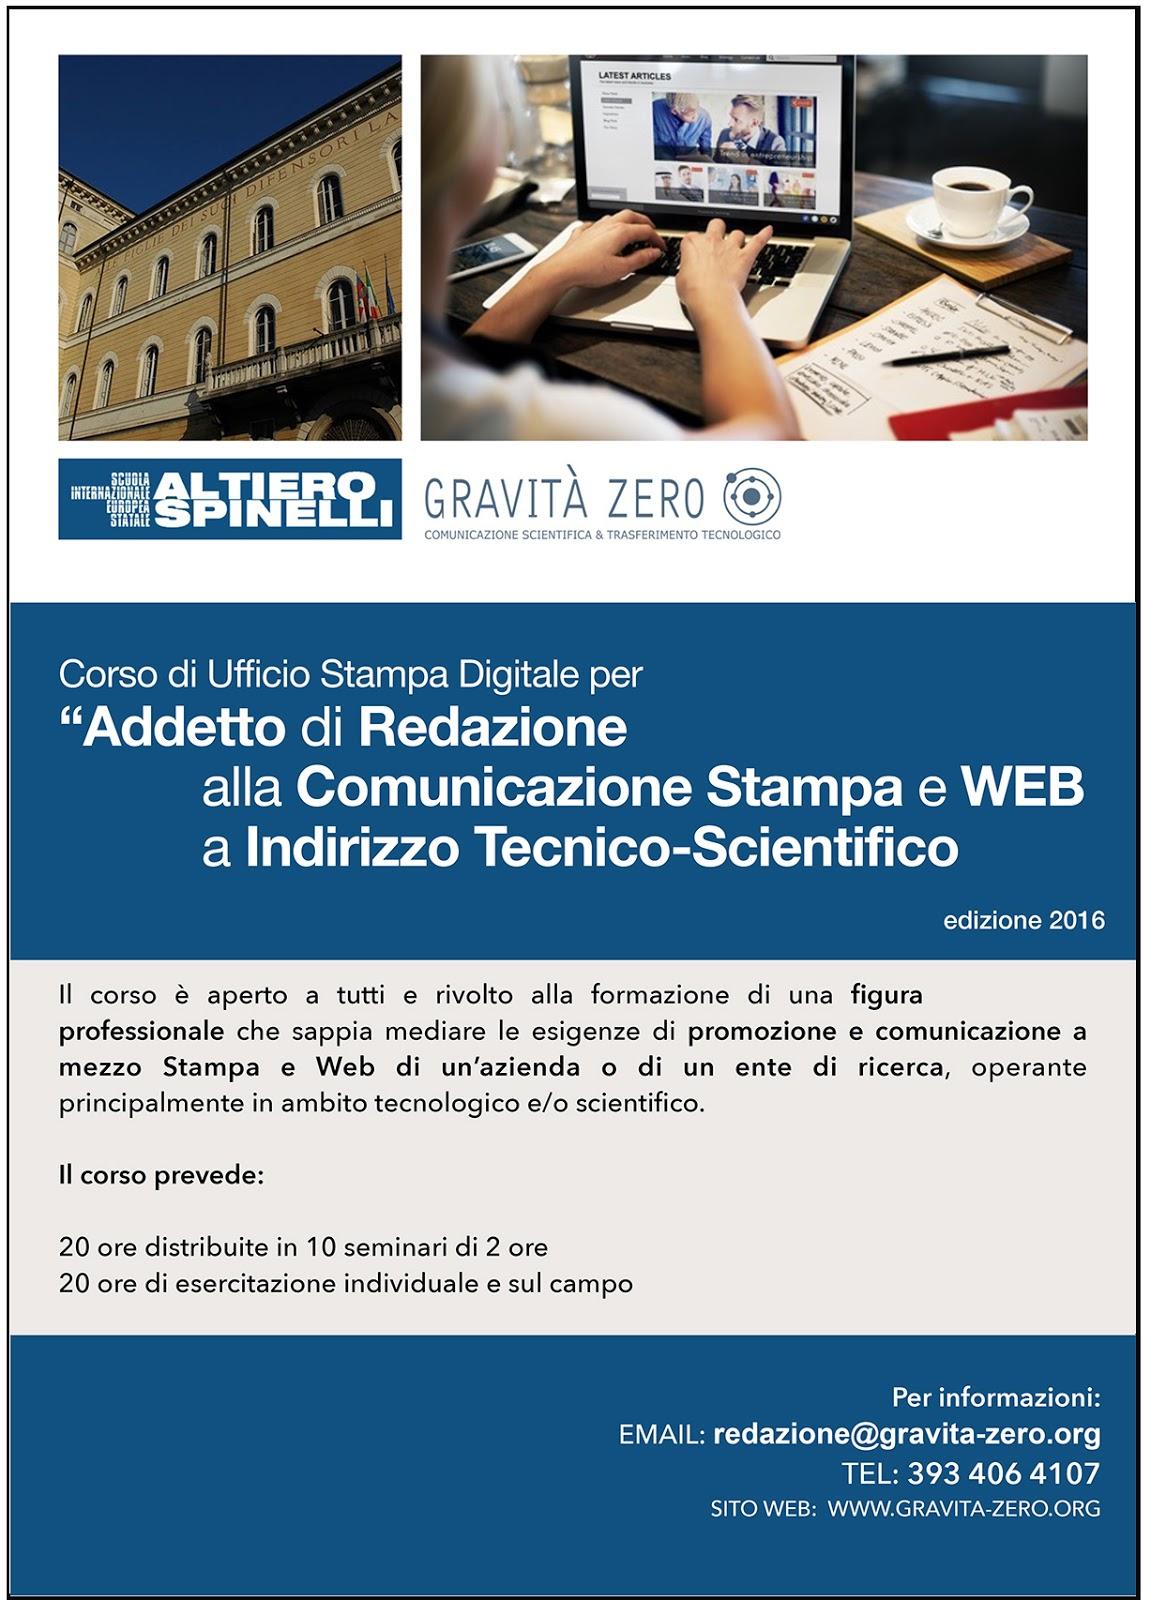 Corso Ufficio Stampa